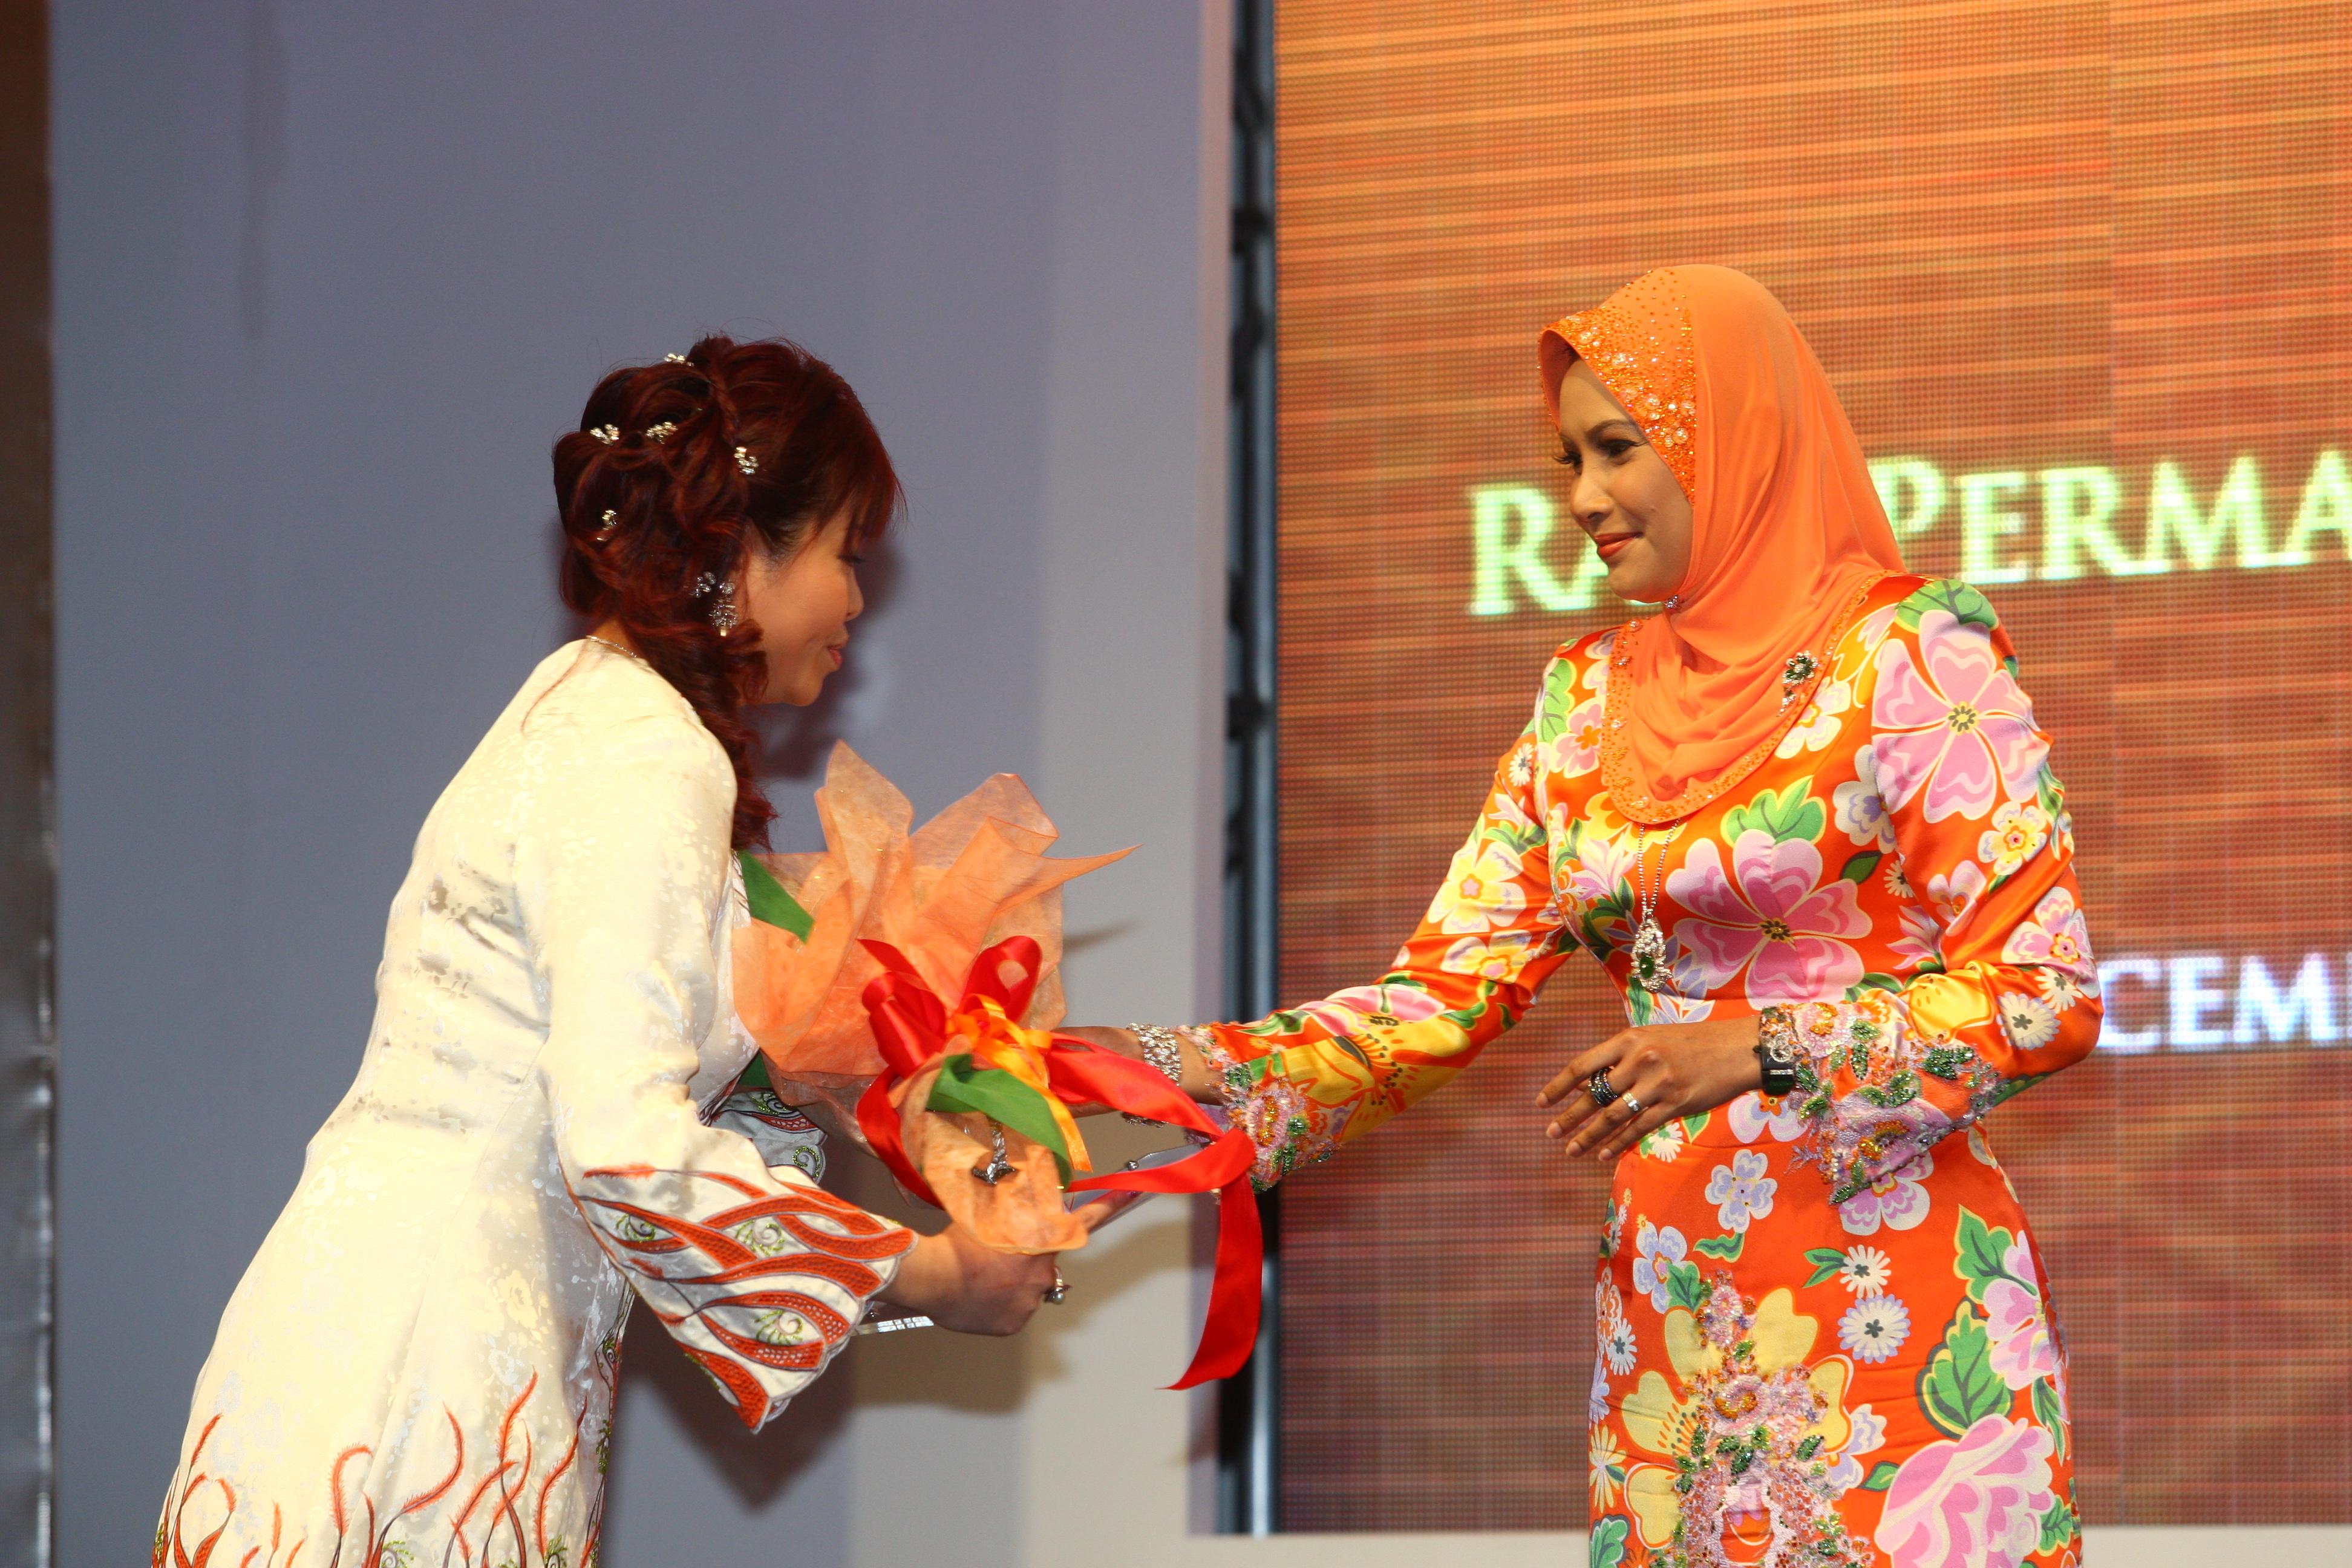 Malaysia's Top 10 Women Entrepreneurs 2008